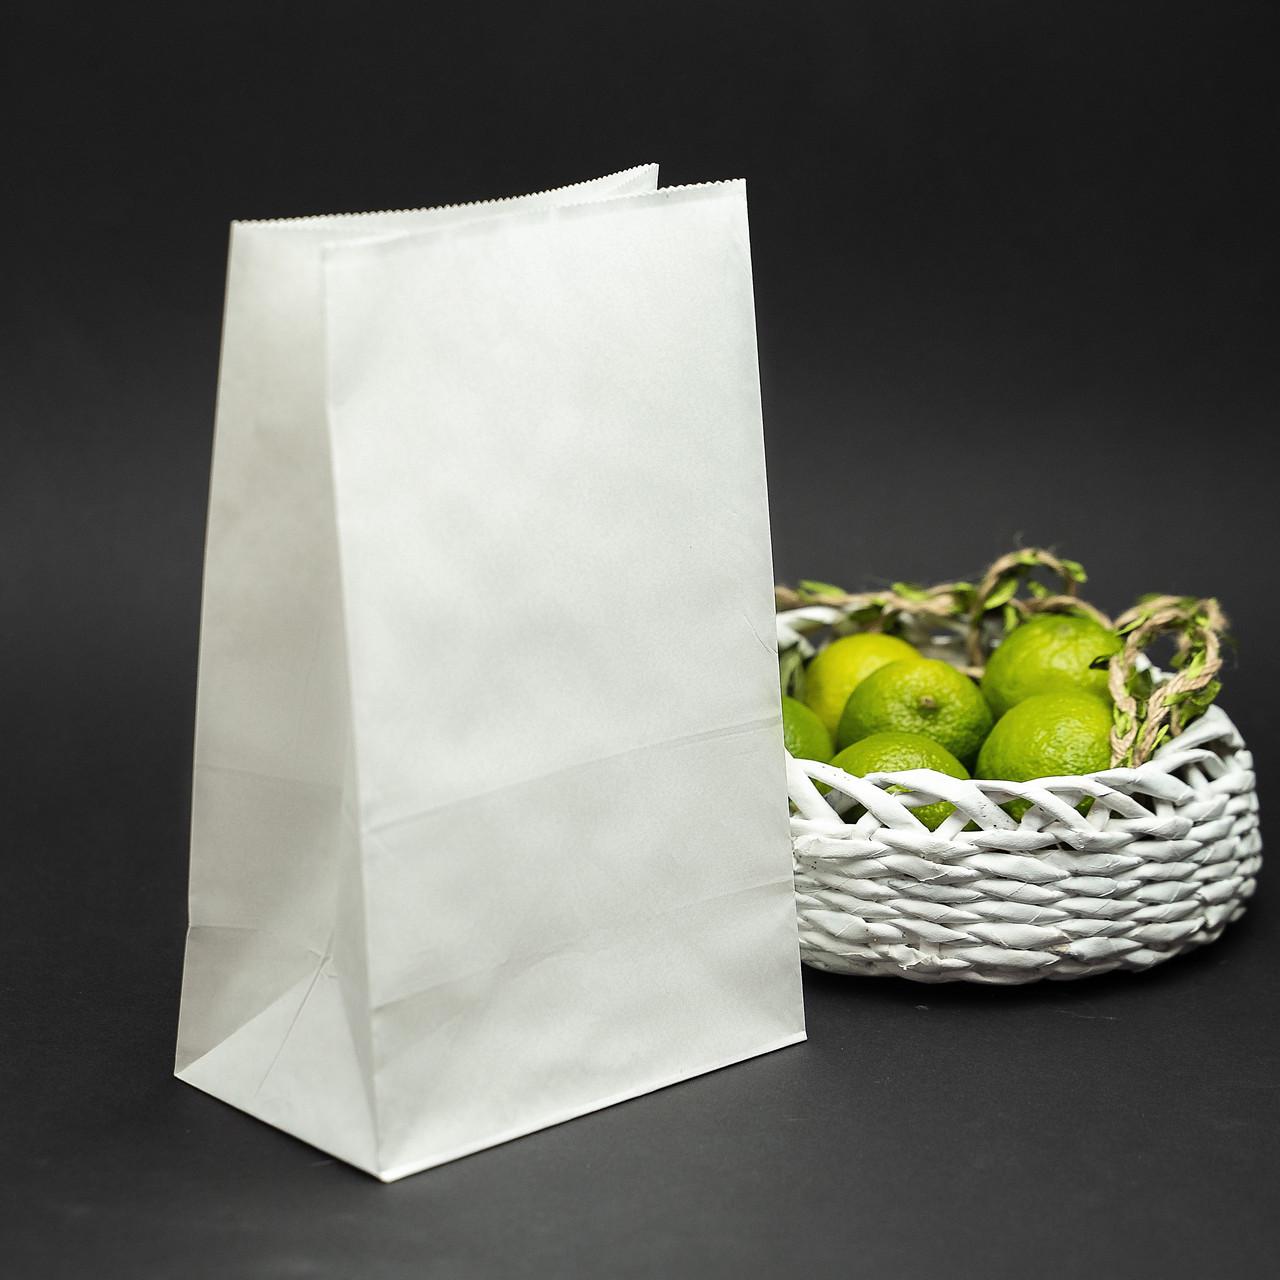 Крафт пакет білий з плоским дном 150*90*240 мм для харчових продуктів